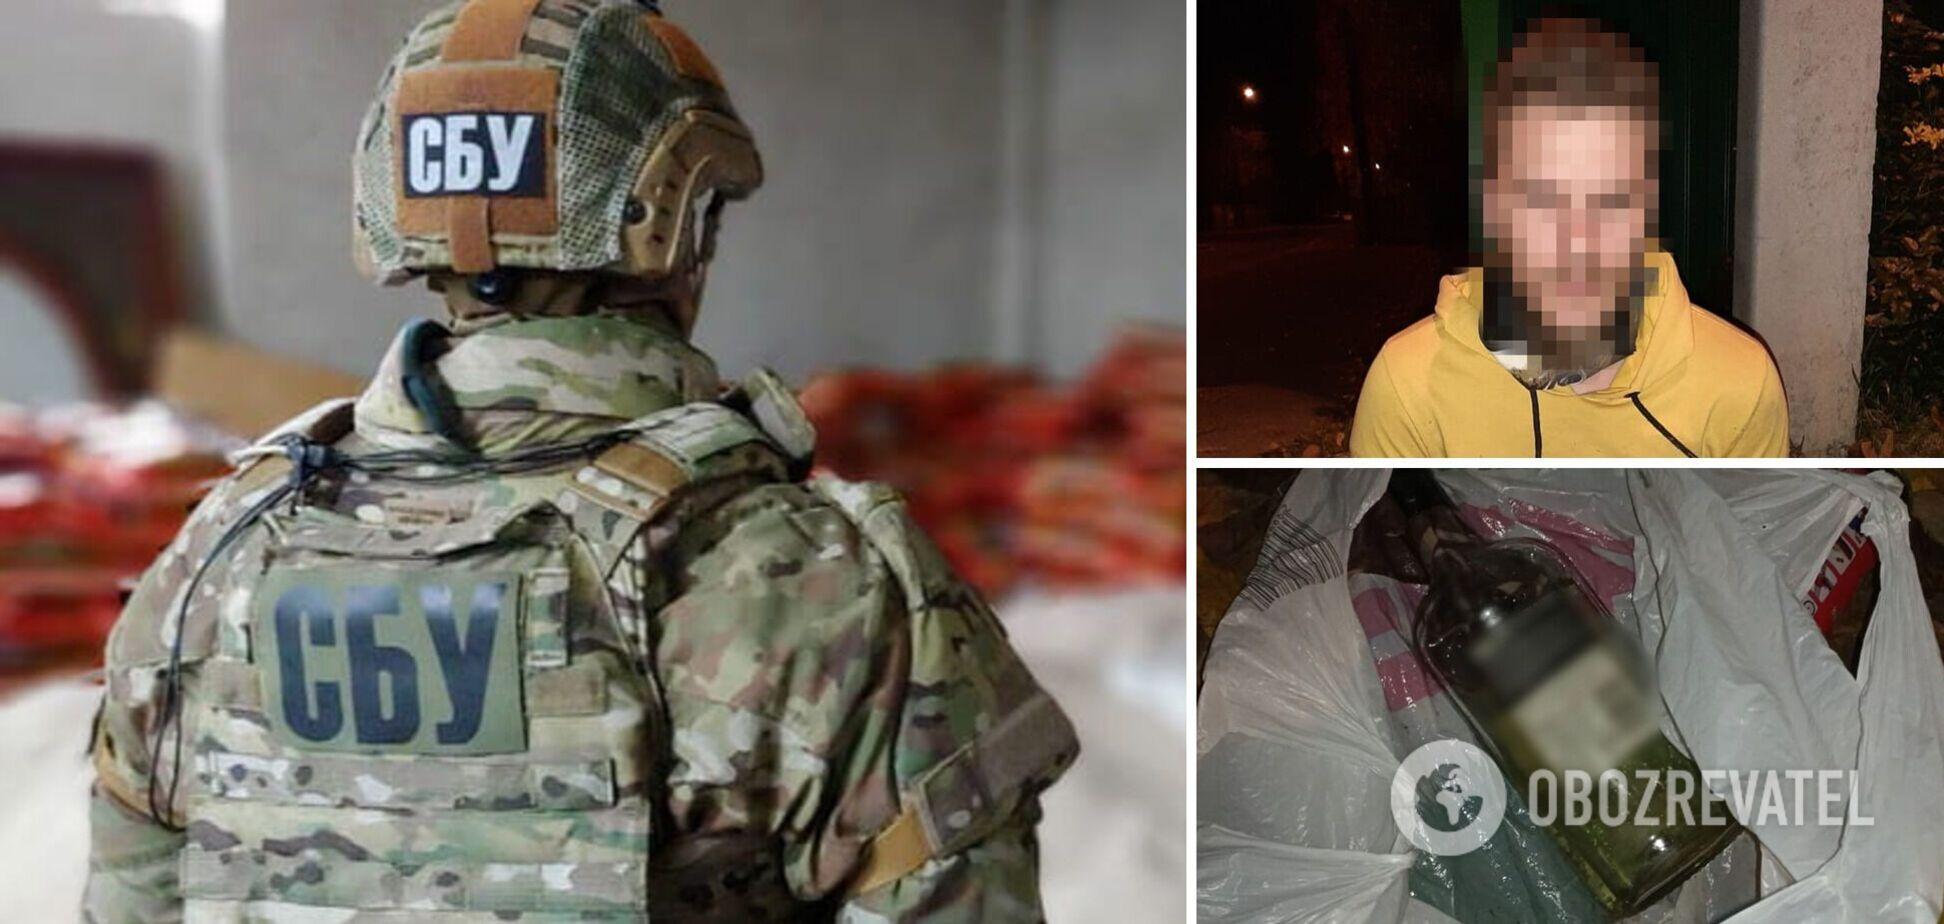 В Киеве мужчина бросил коктейль Молотова в дом замруководителя ОПУ: злоумышленника задержали. Фото